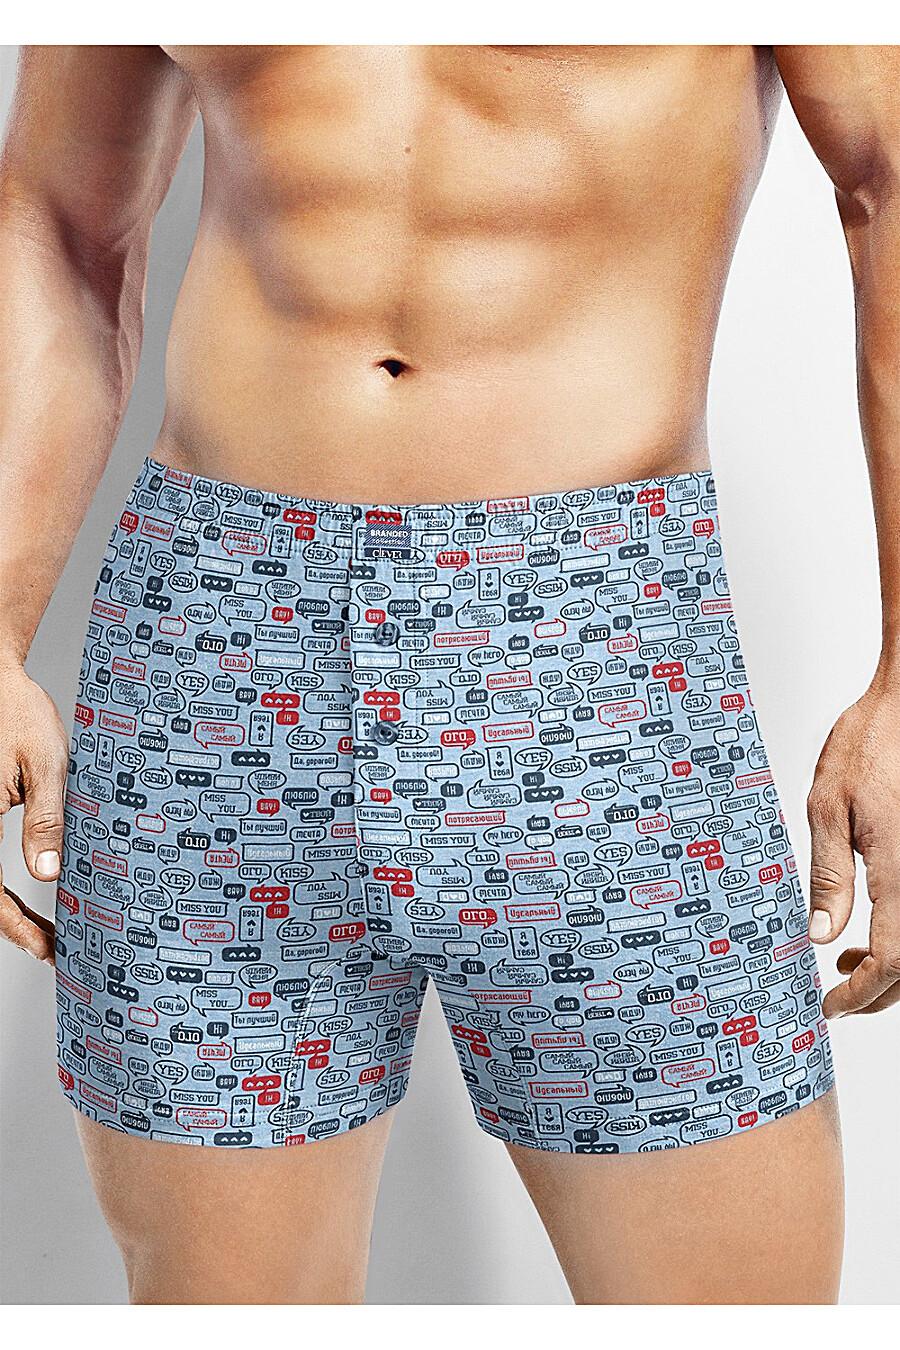 Трусы для мужчин CLEVER 155381 купить оптом от производителя. Совместная покупка мужской одежды в OptMoyo